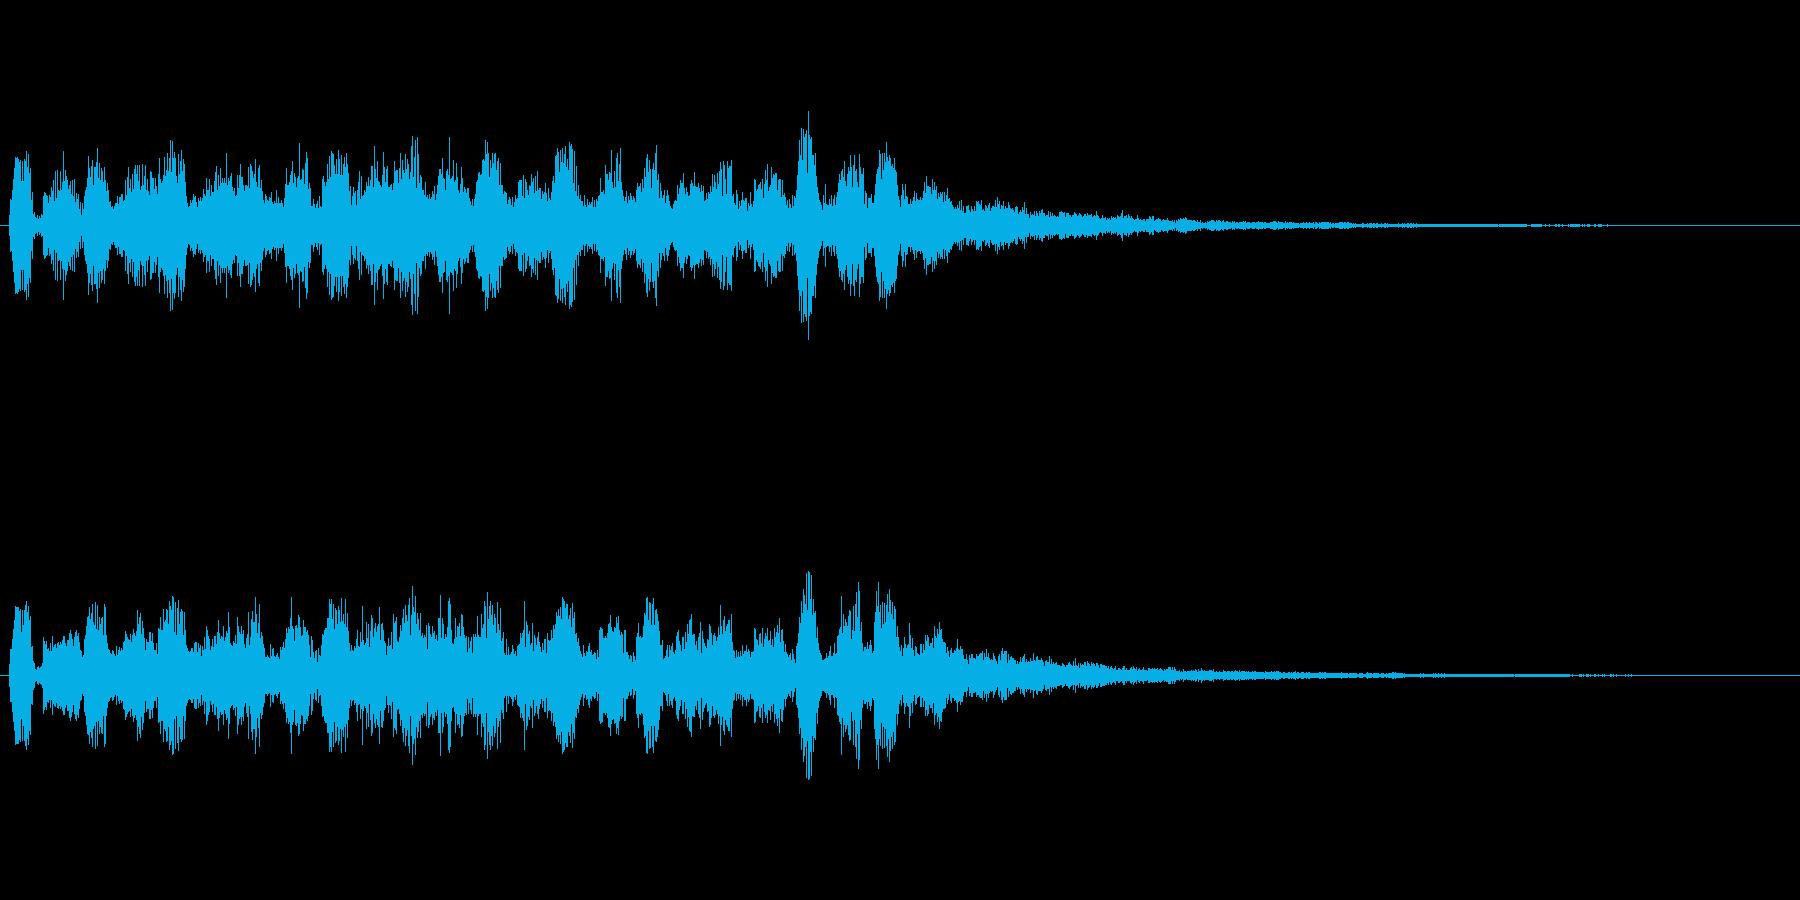 【SE 効果音】ピロピロ2の再生済みの波形